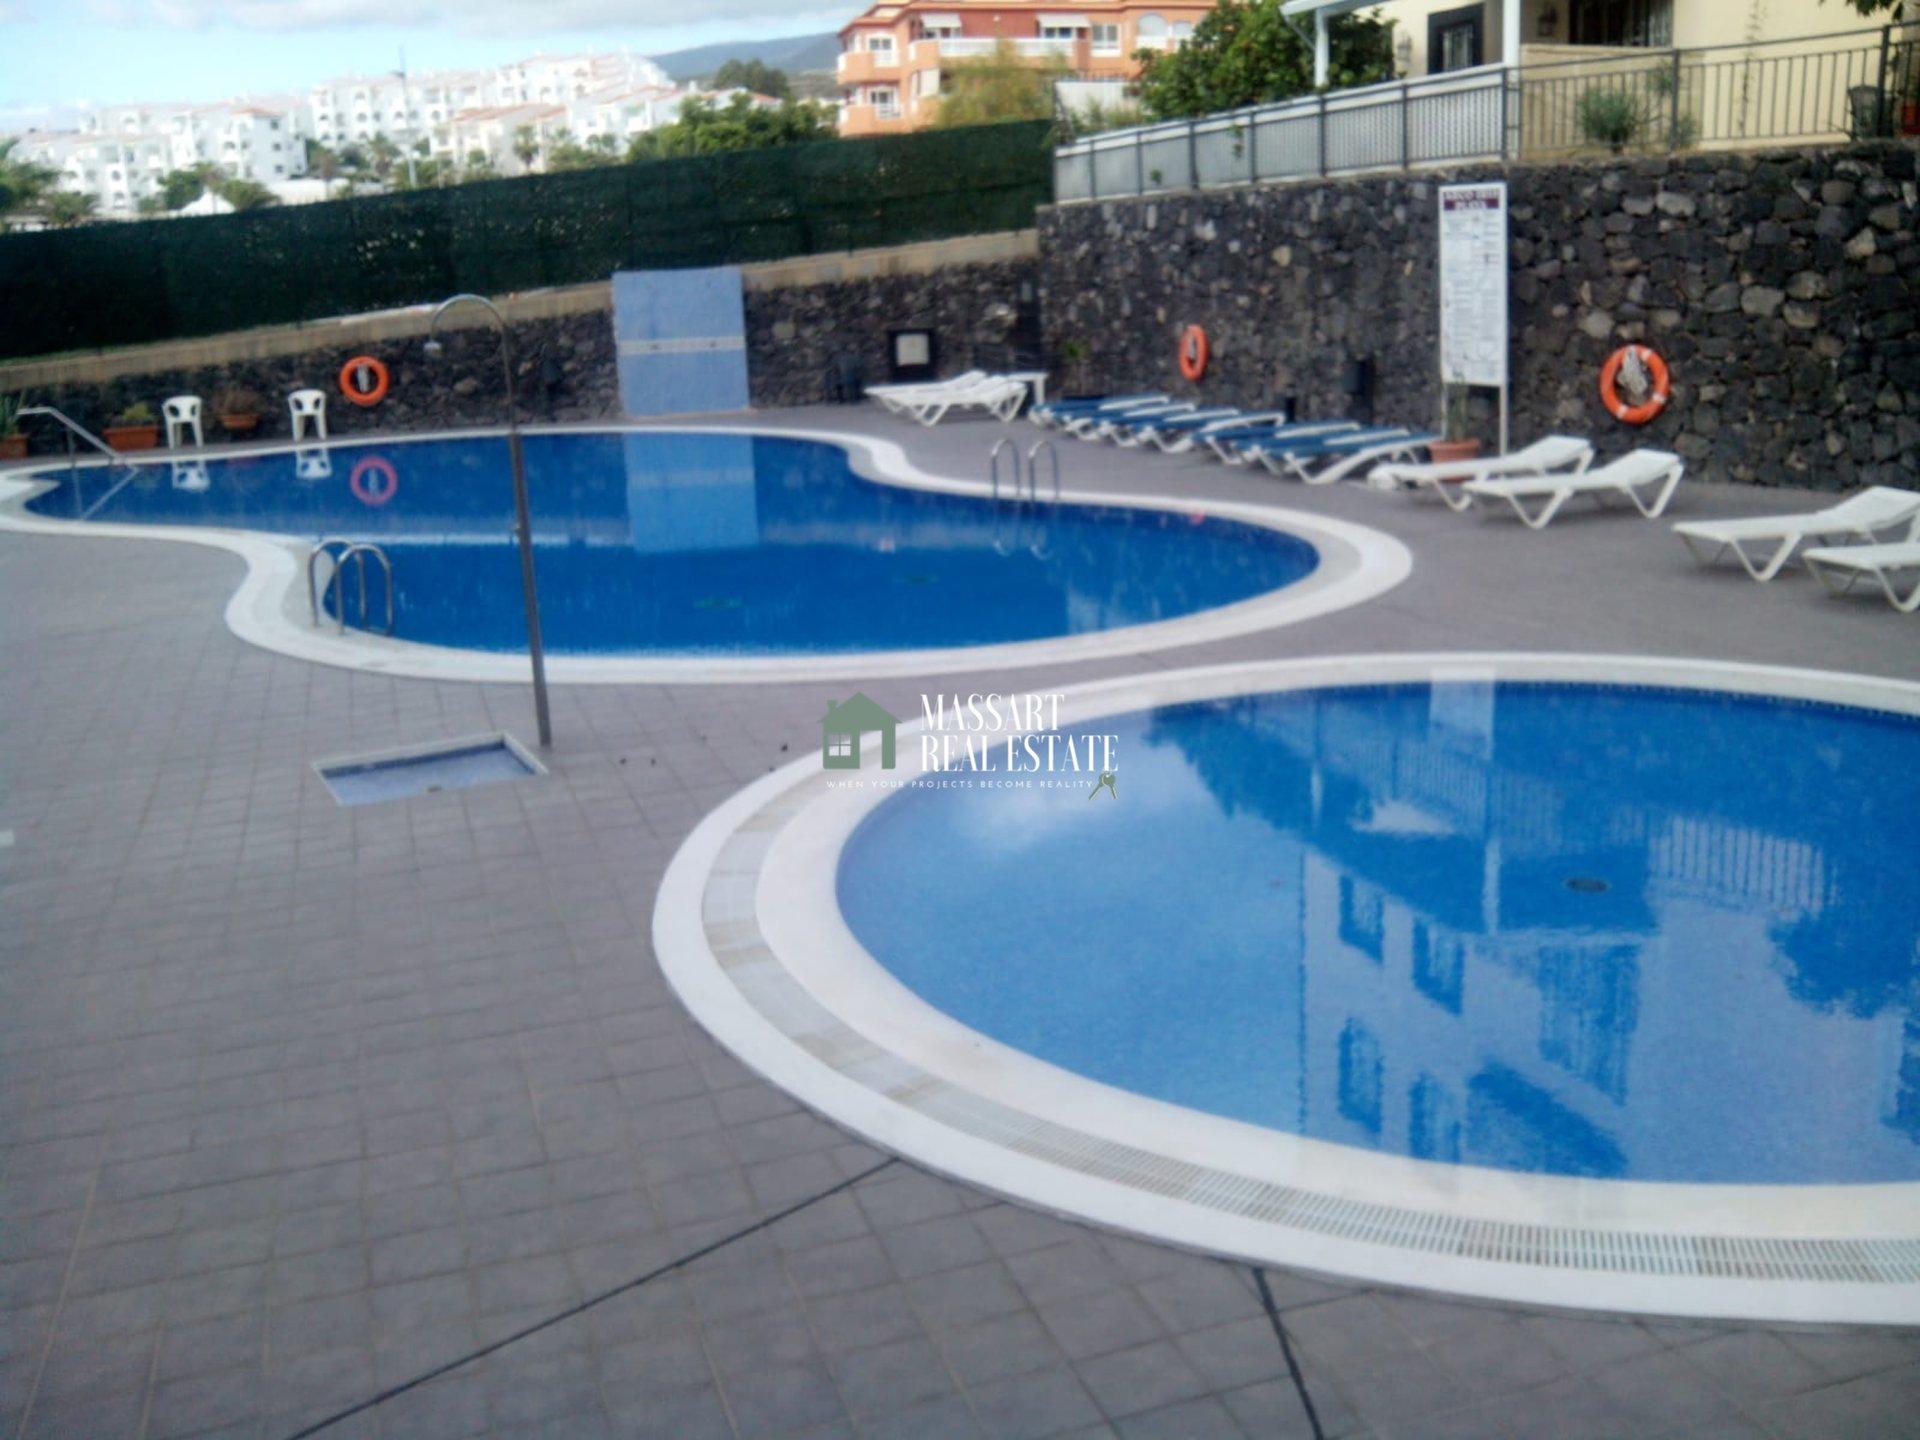 A louer à Callao Salvaje, dans le complexe résidentiel Arco Iris, duplex entièrement meublé et rénové… très proche de la plage!